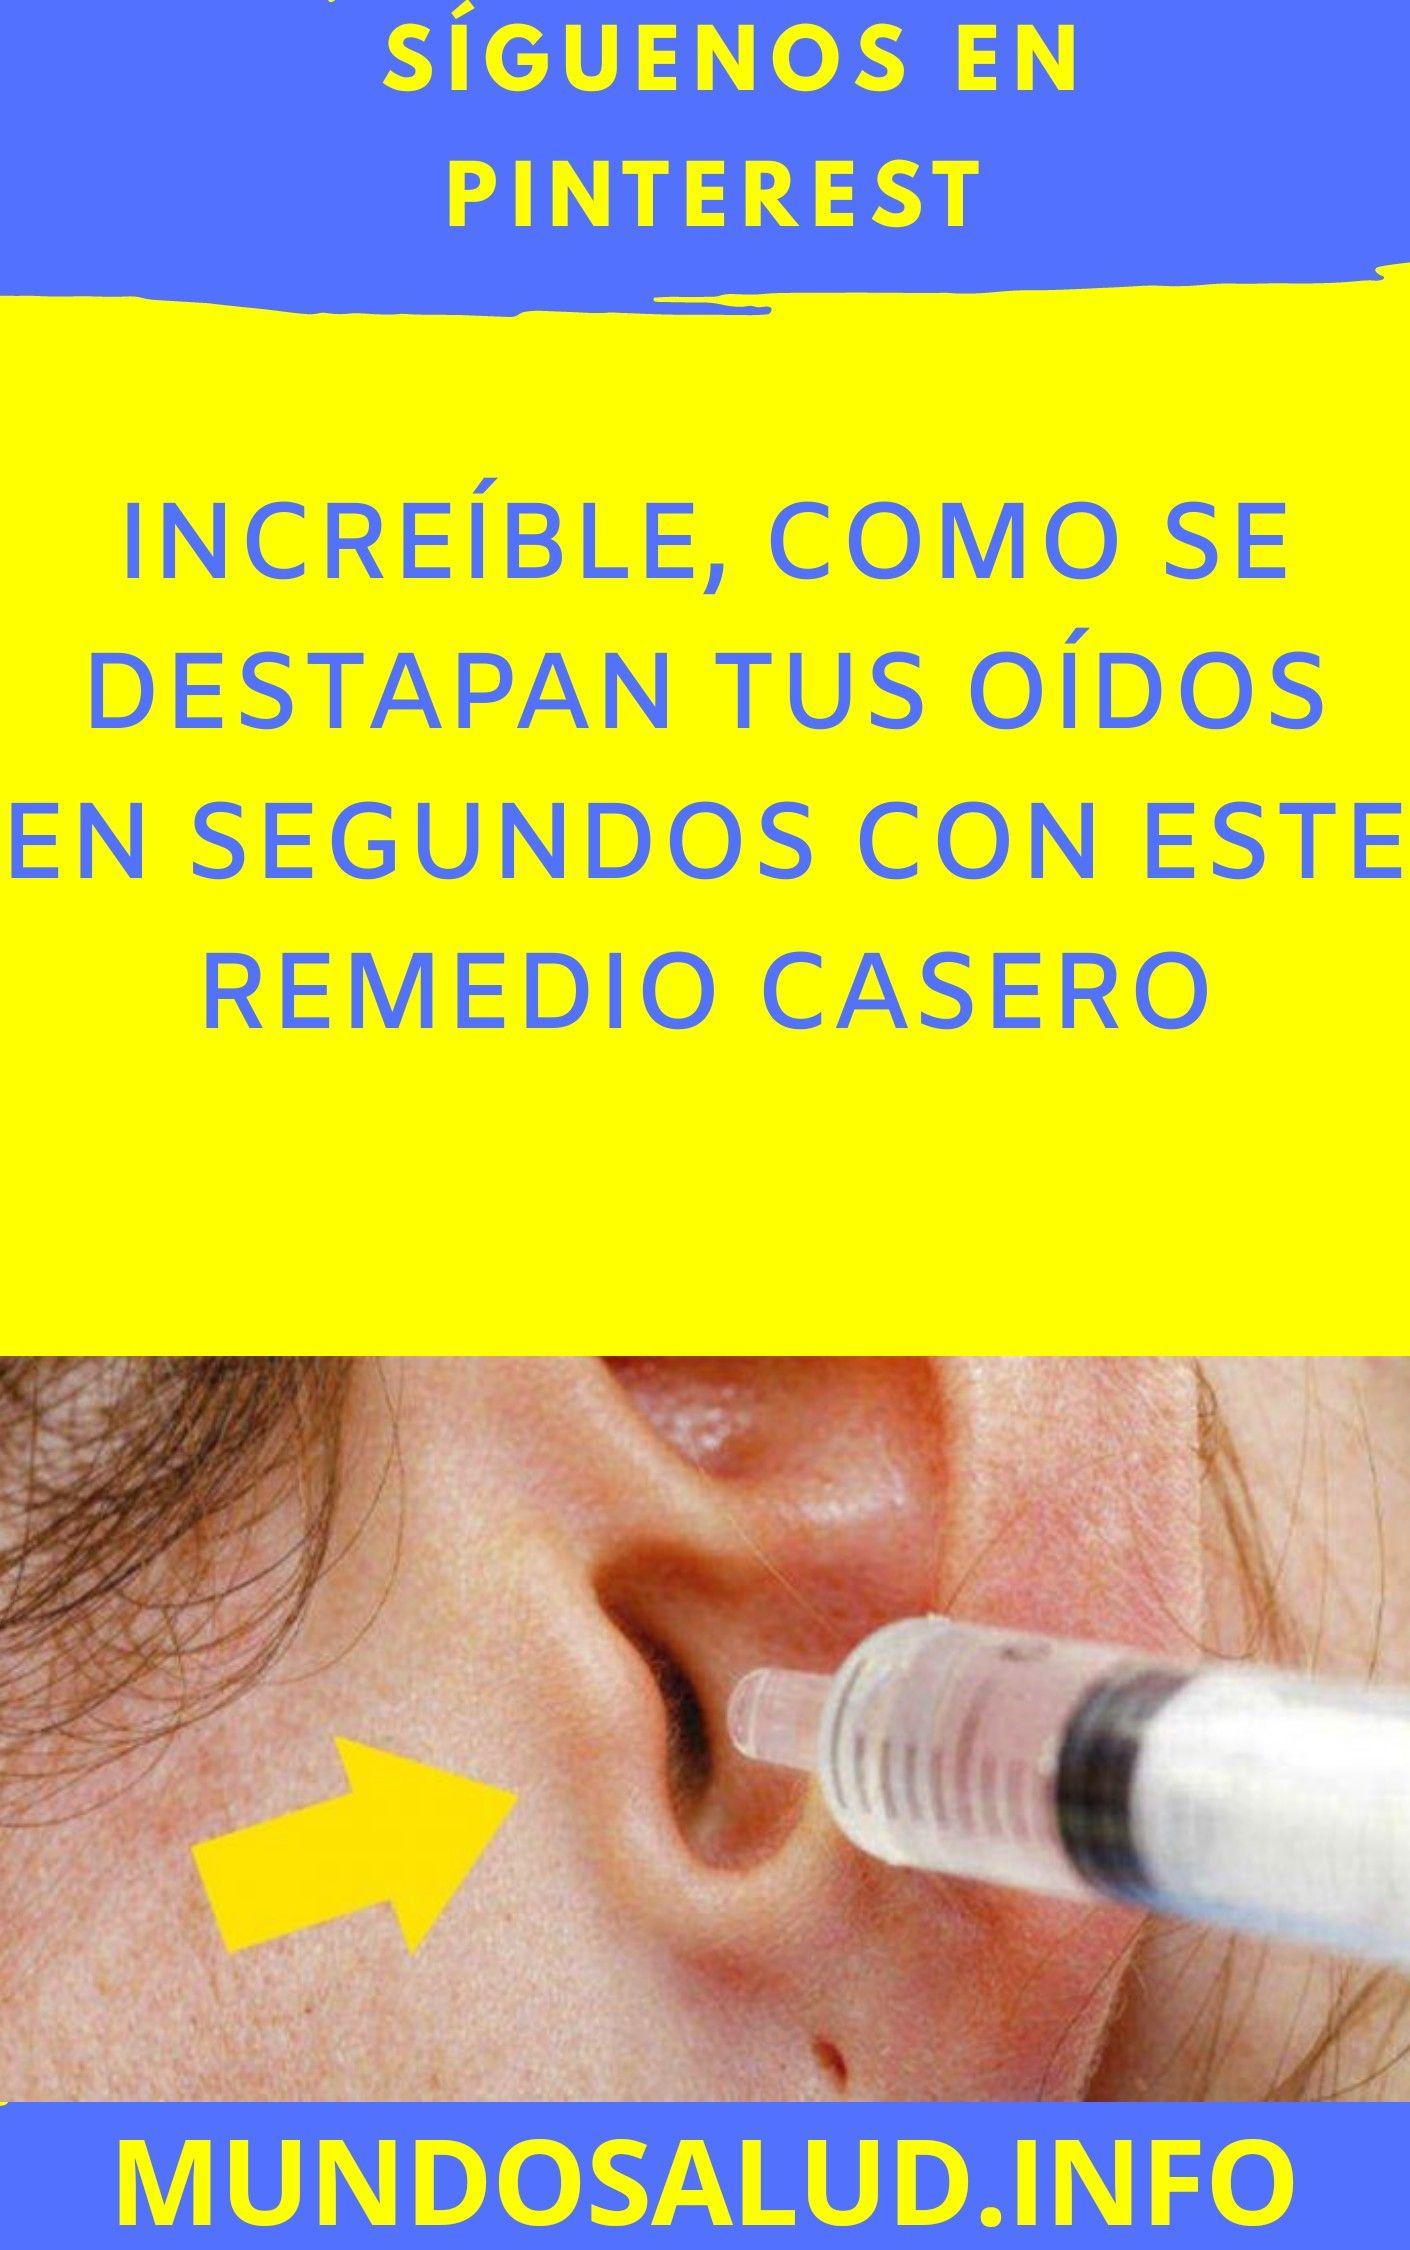 oido tapado sin dolor remedio